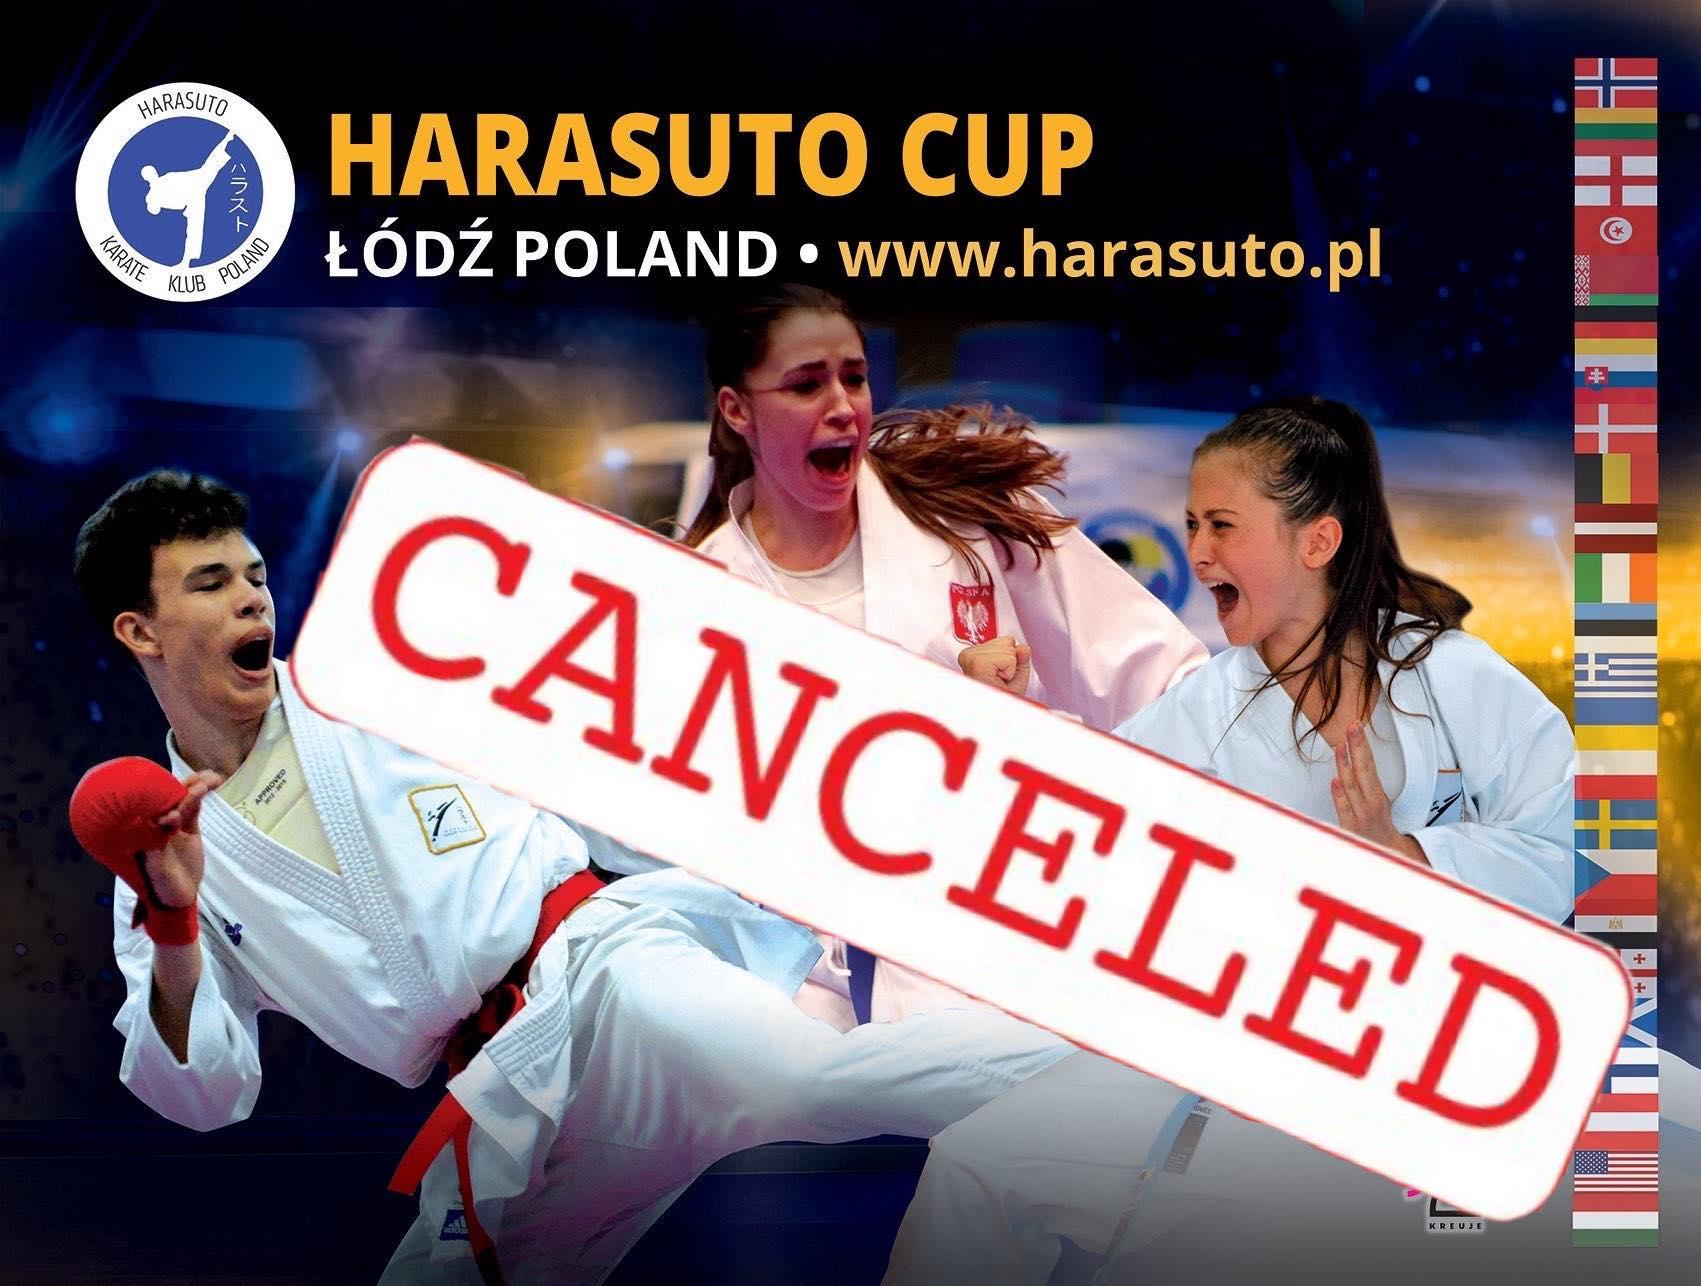 Harasuto Cup odwołane